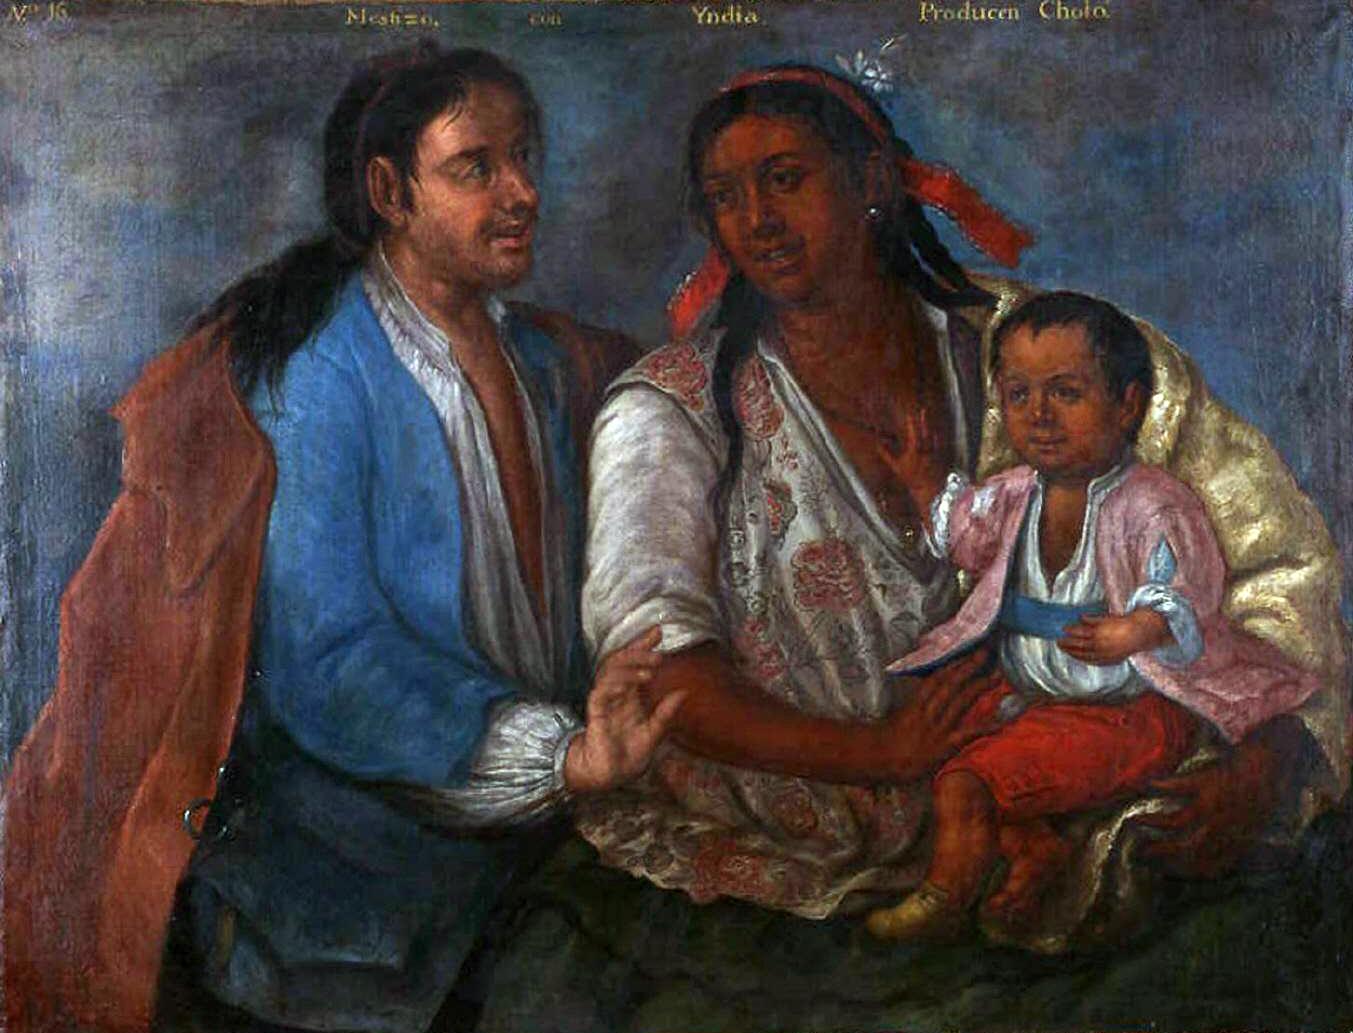 Oliva de la frontera mujeres solteras manos